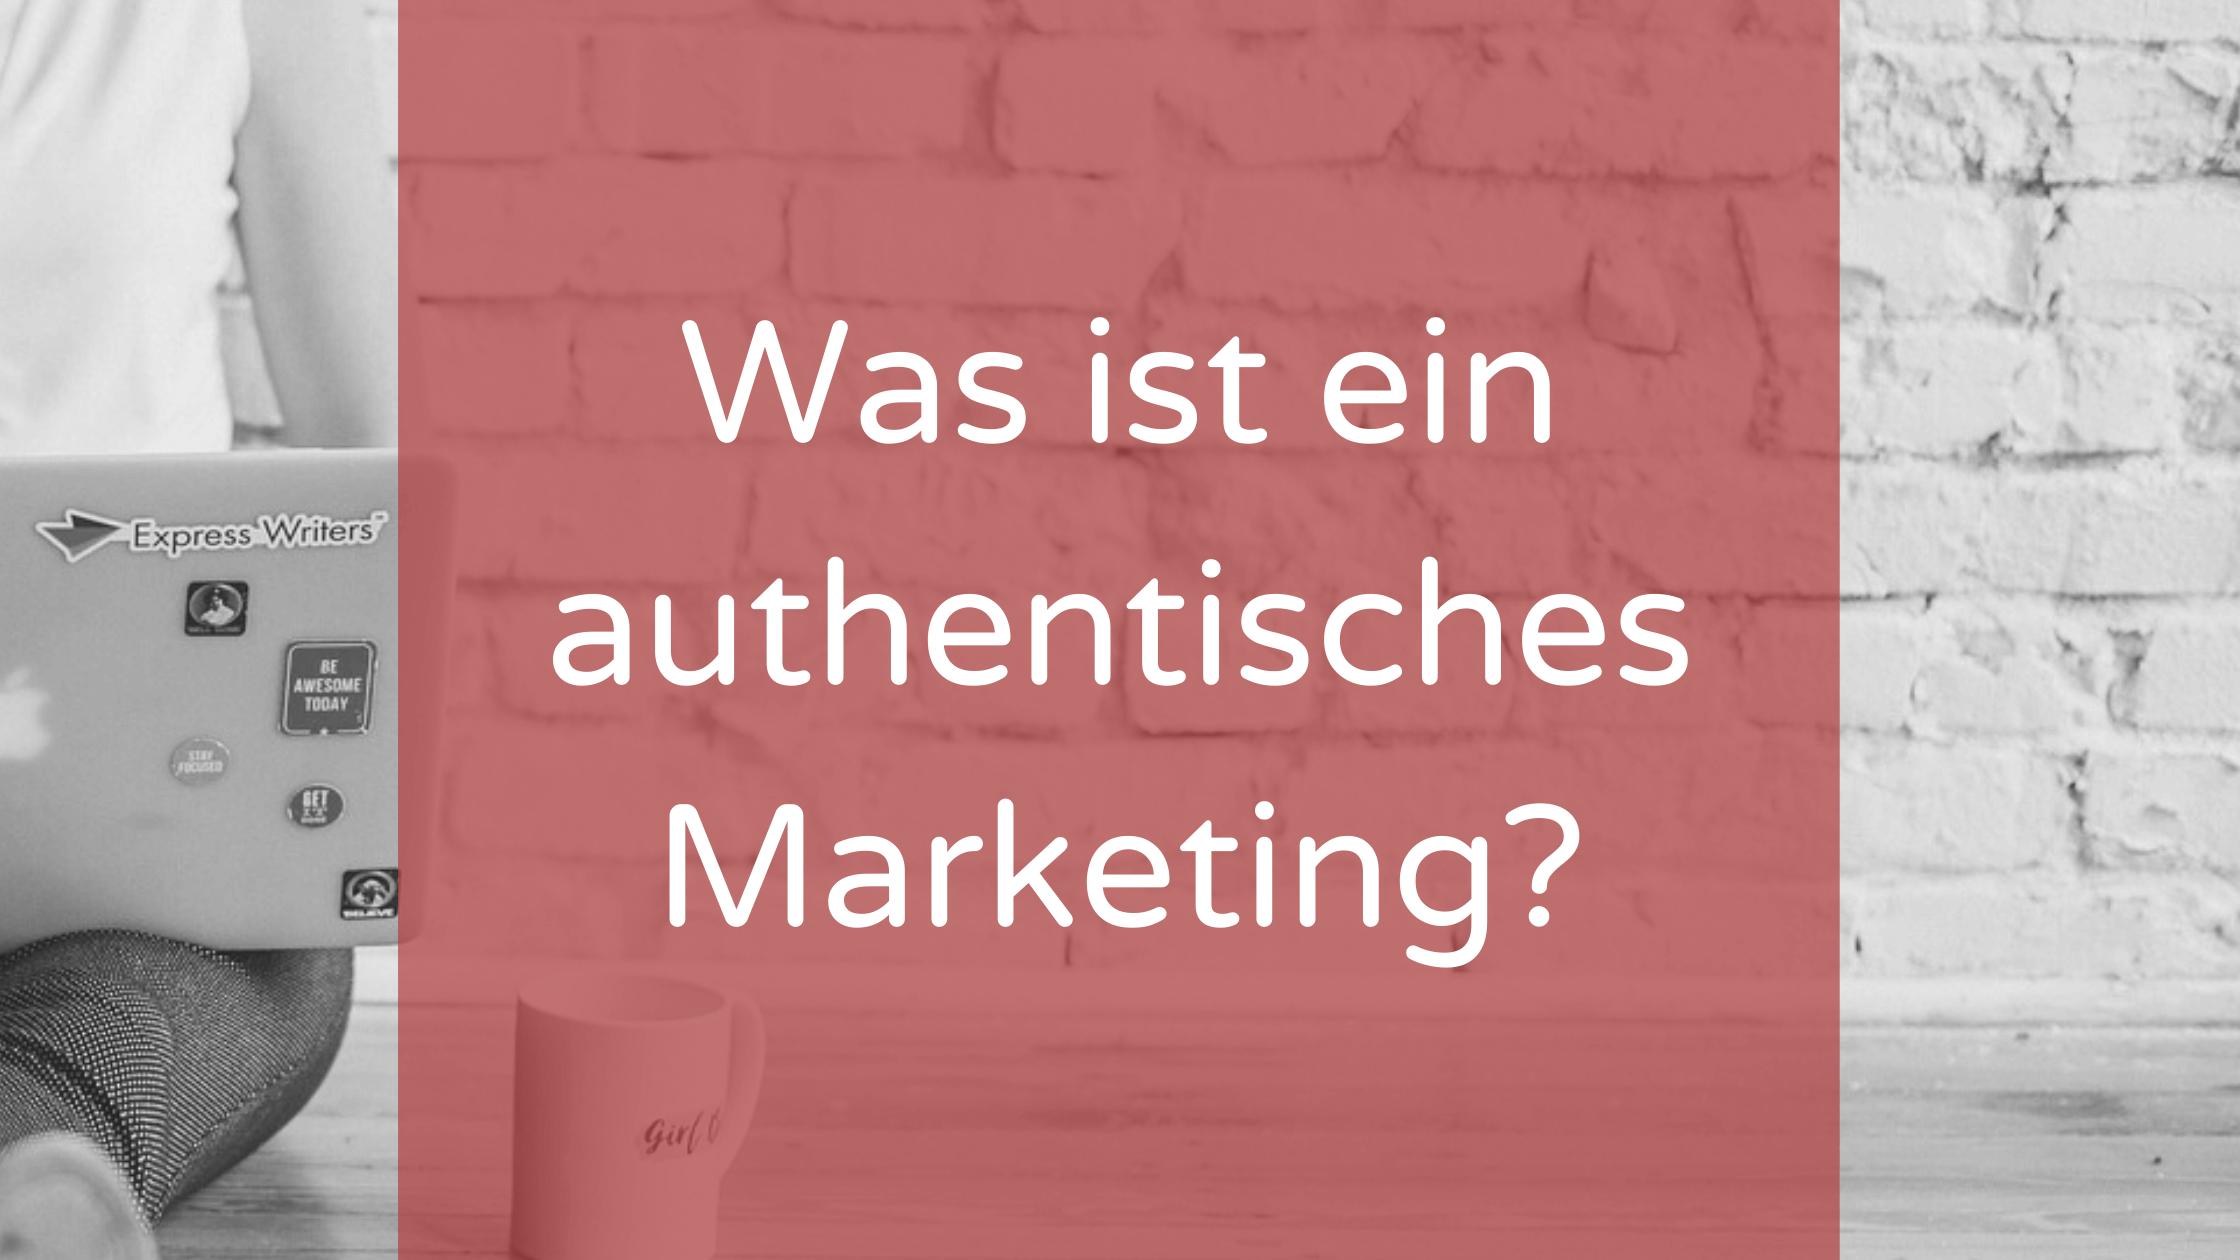 Was ist authentisches Marketing?